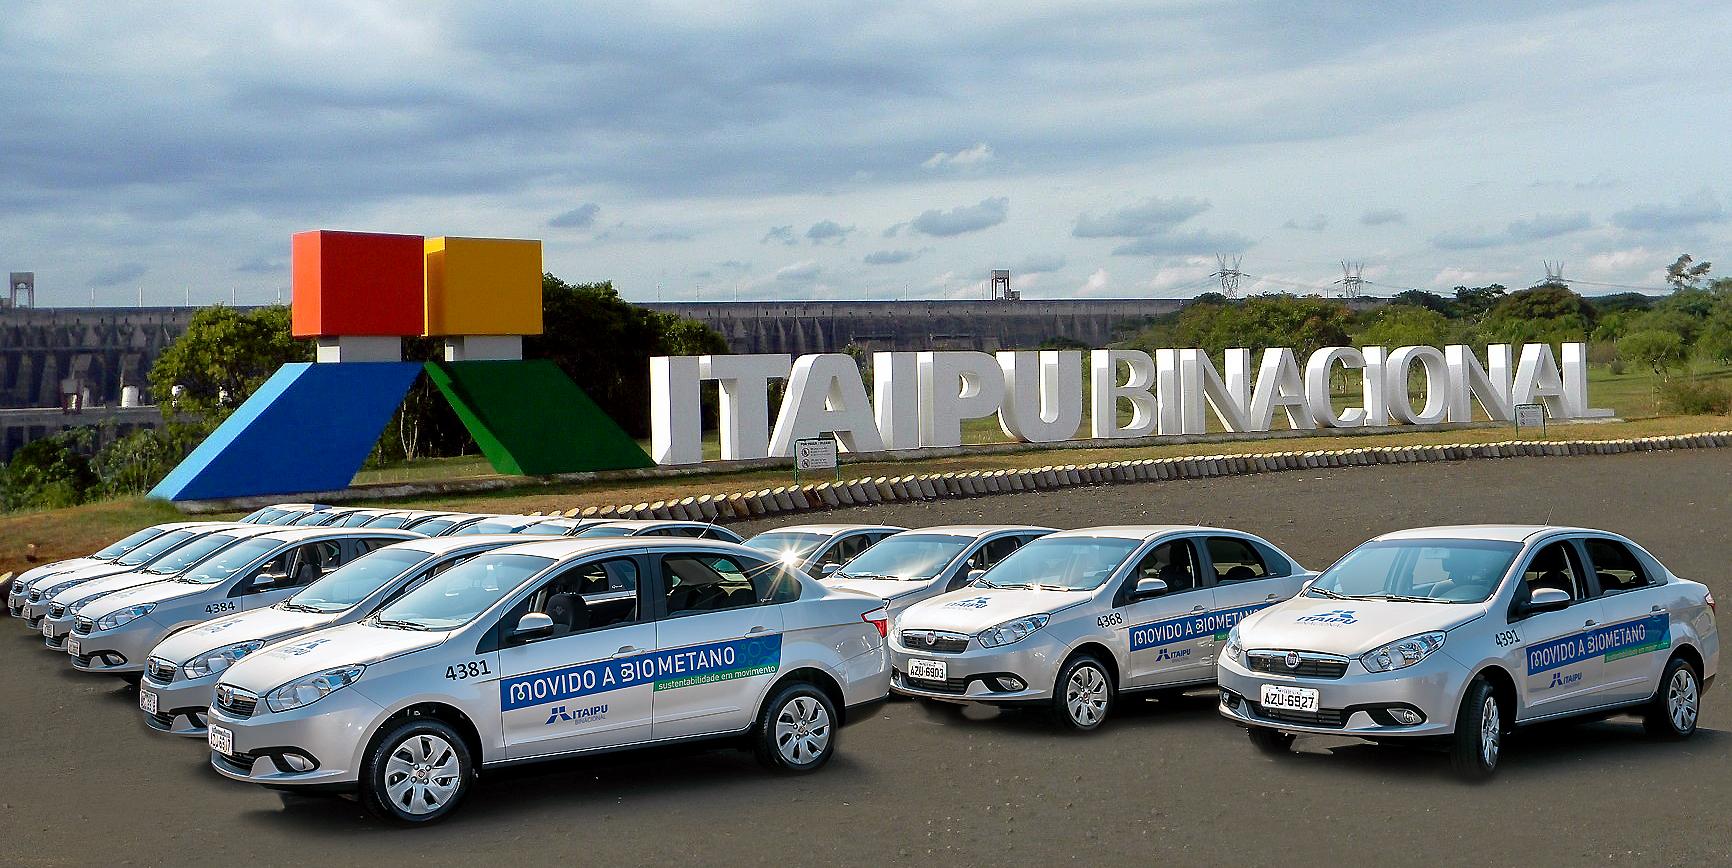 O biometano movimenta 40 veículos da frota do complexo Itaipu.